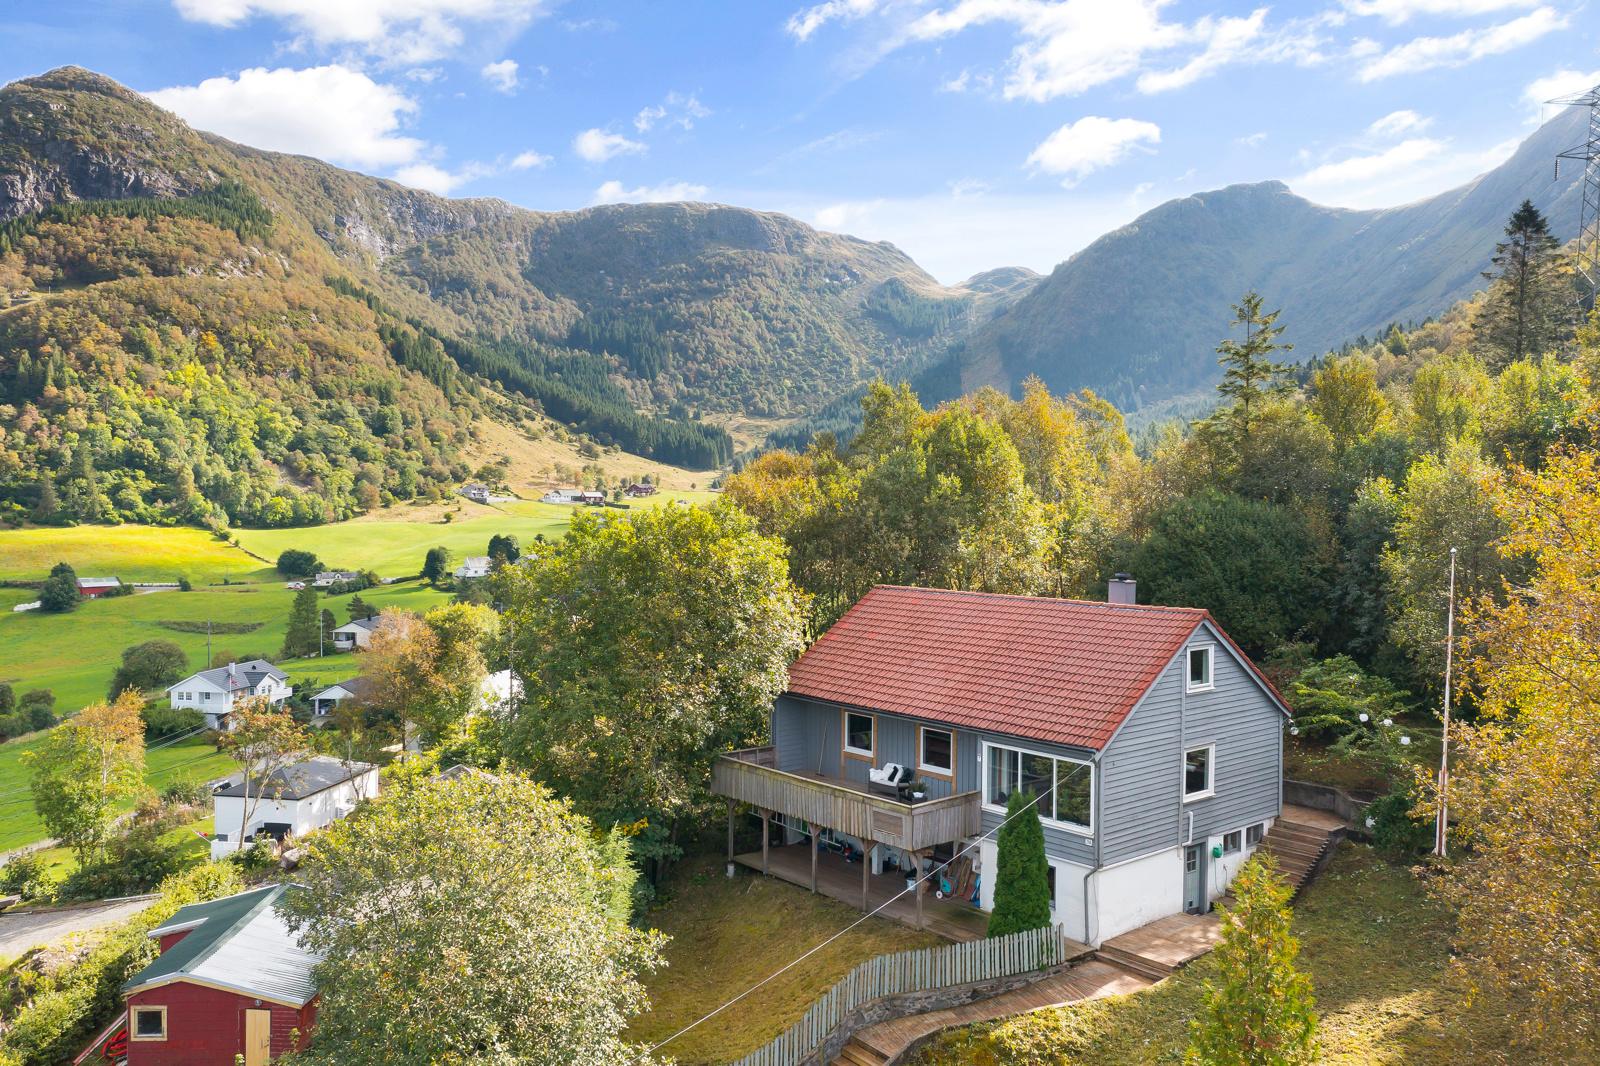 Velkommen til Jordalsveien 214 - Presentert av Fana Sparebank Eiendom v/Audun Stegali Borge